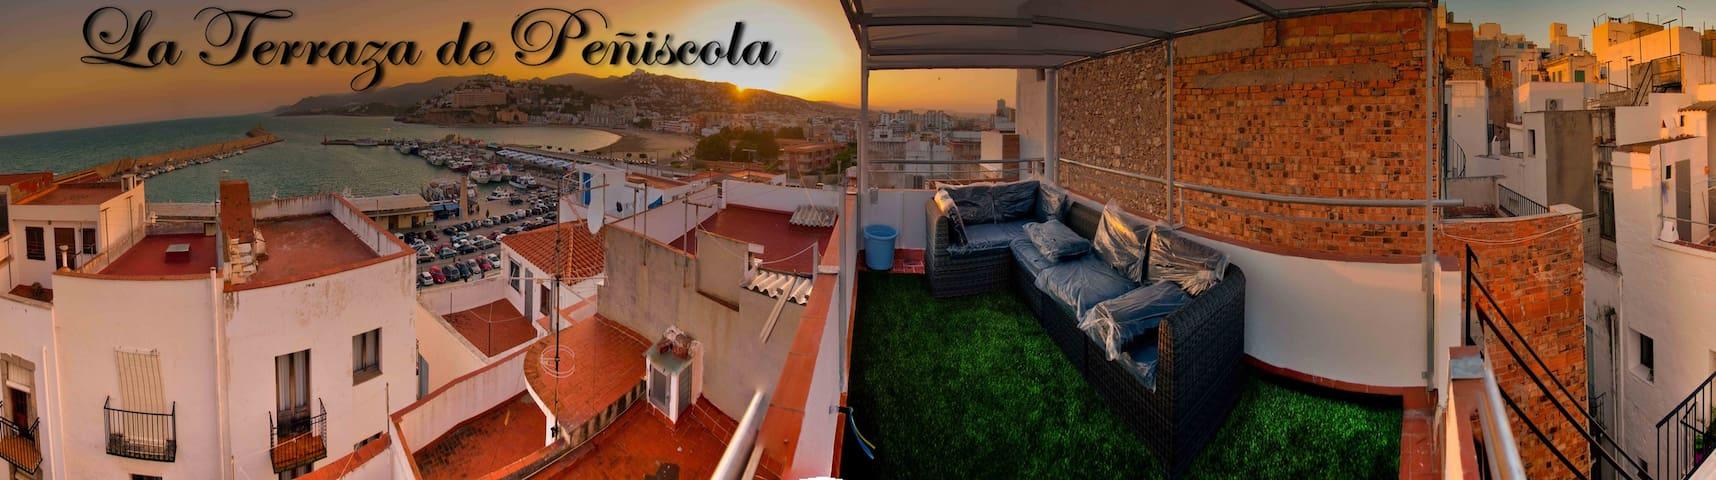 La Terraza Chill Out de Peñiscola - Peñíscola - Hus